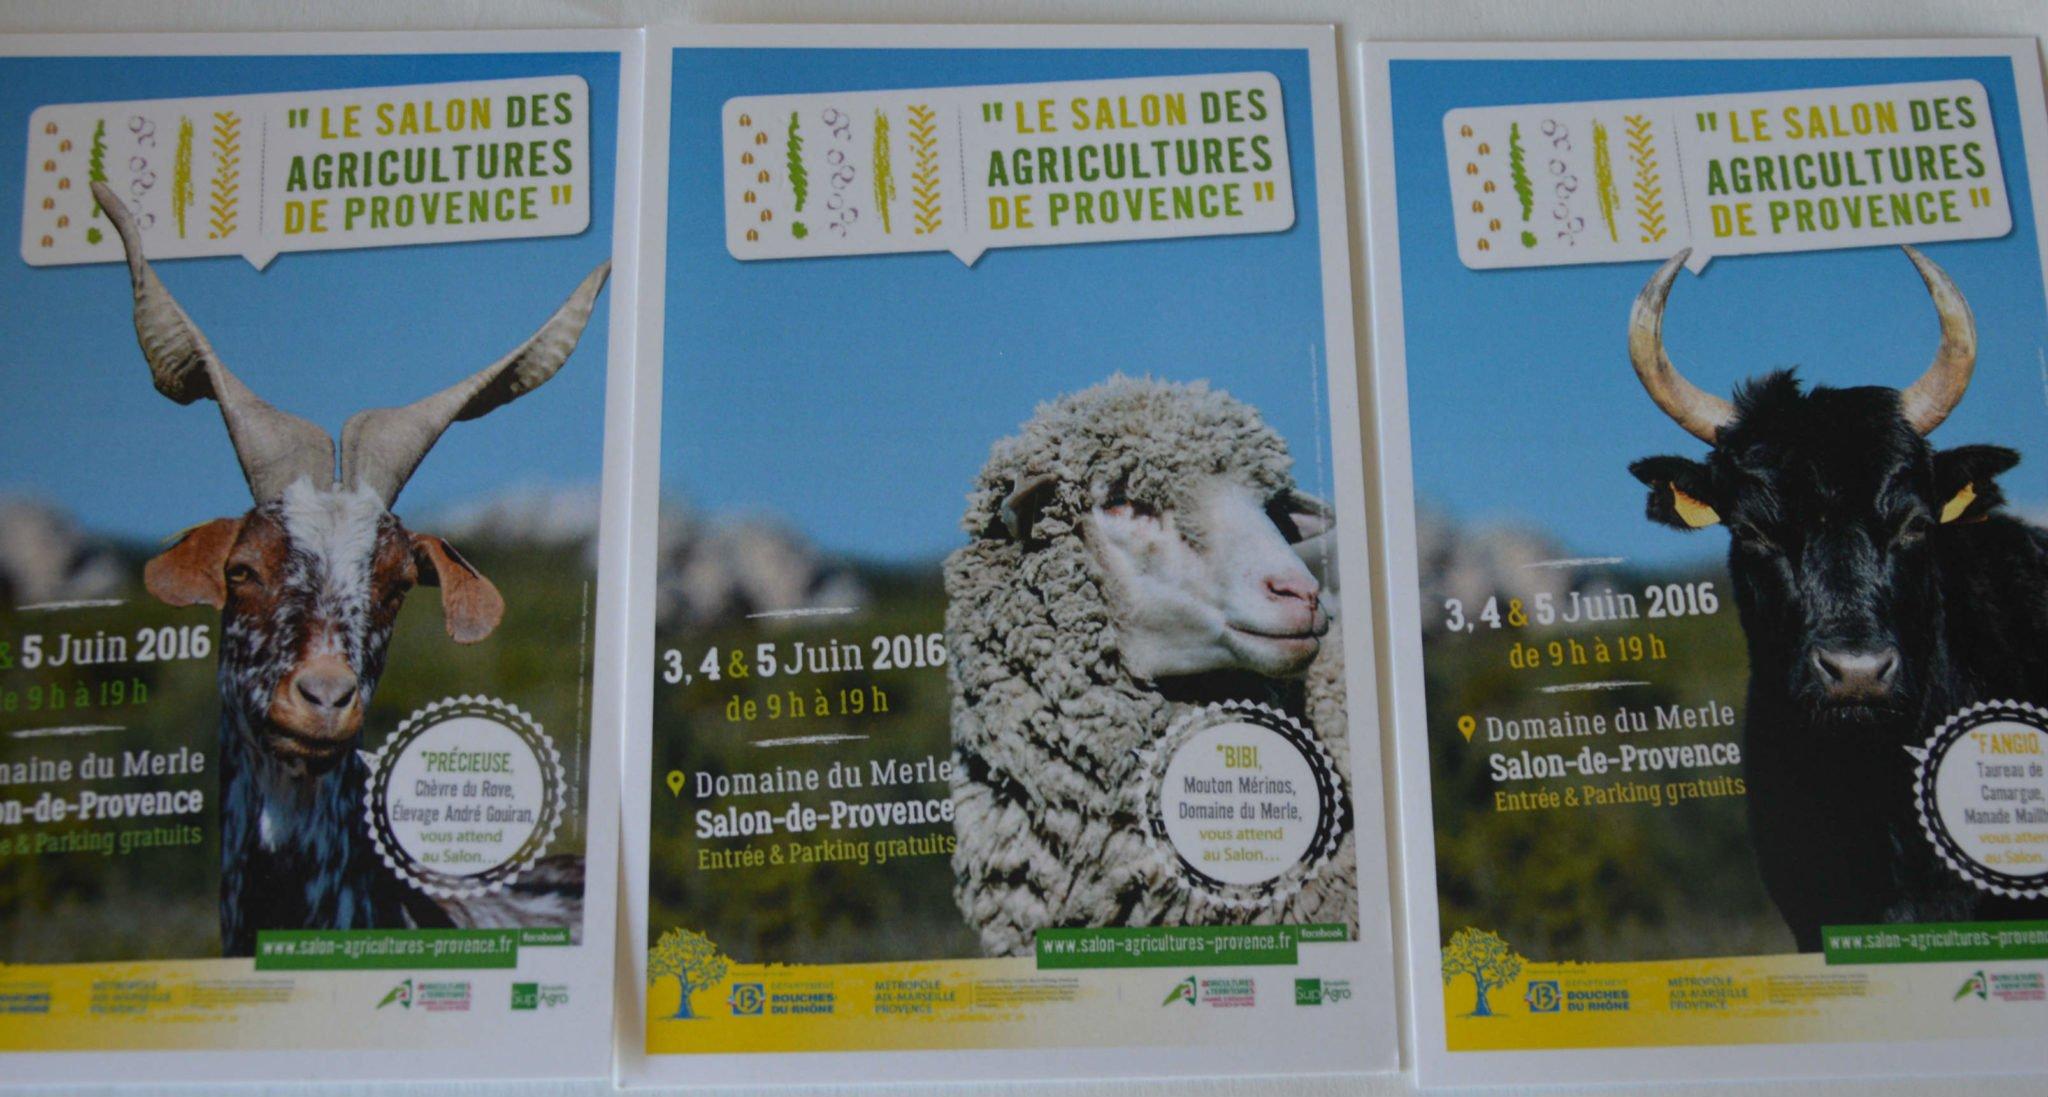 Economie le premier salon des agricultures de provence for Salon des agricultures de provence 2017